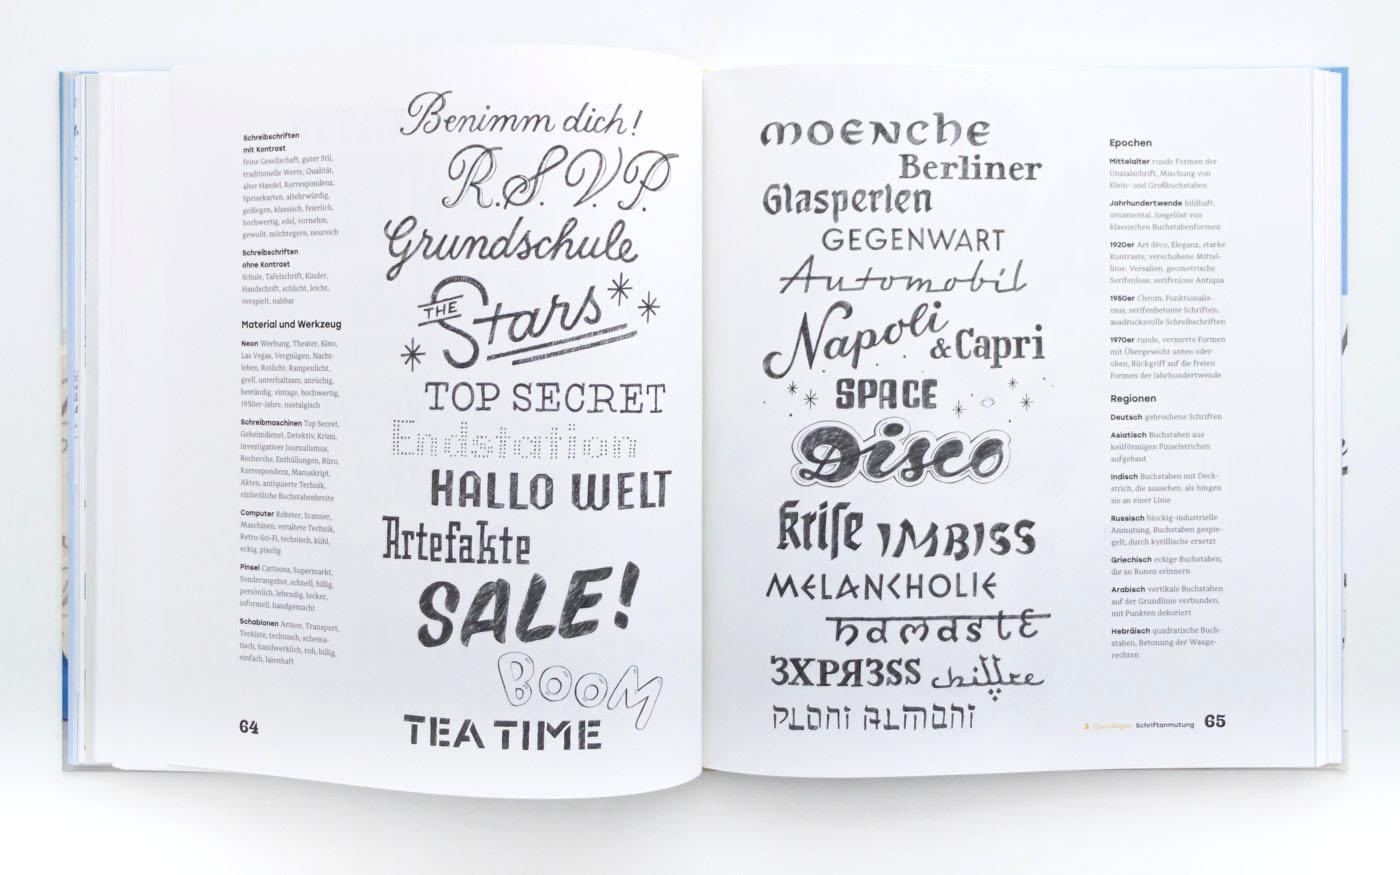 Handbuch Handlettering – Handlettering Buch für Anfänger von Chris Campe, ISBN 978-3-258-60165-6